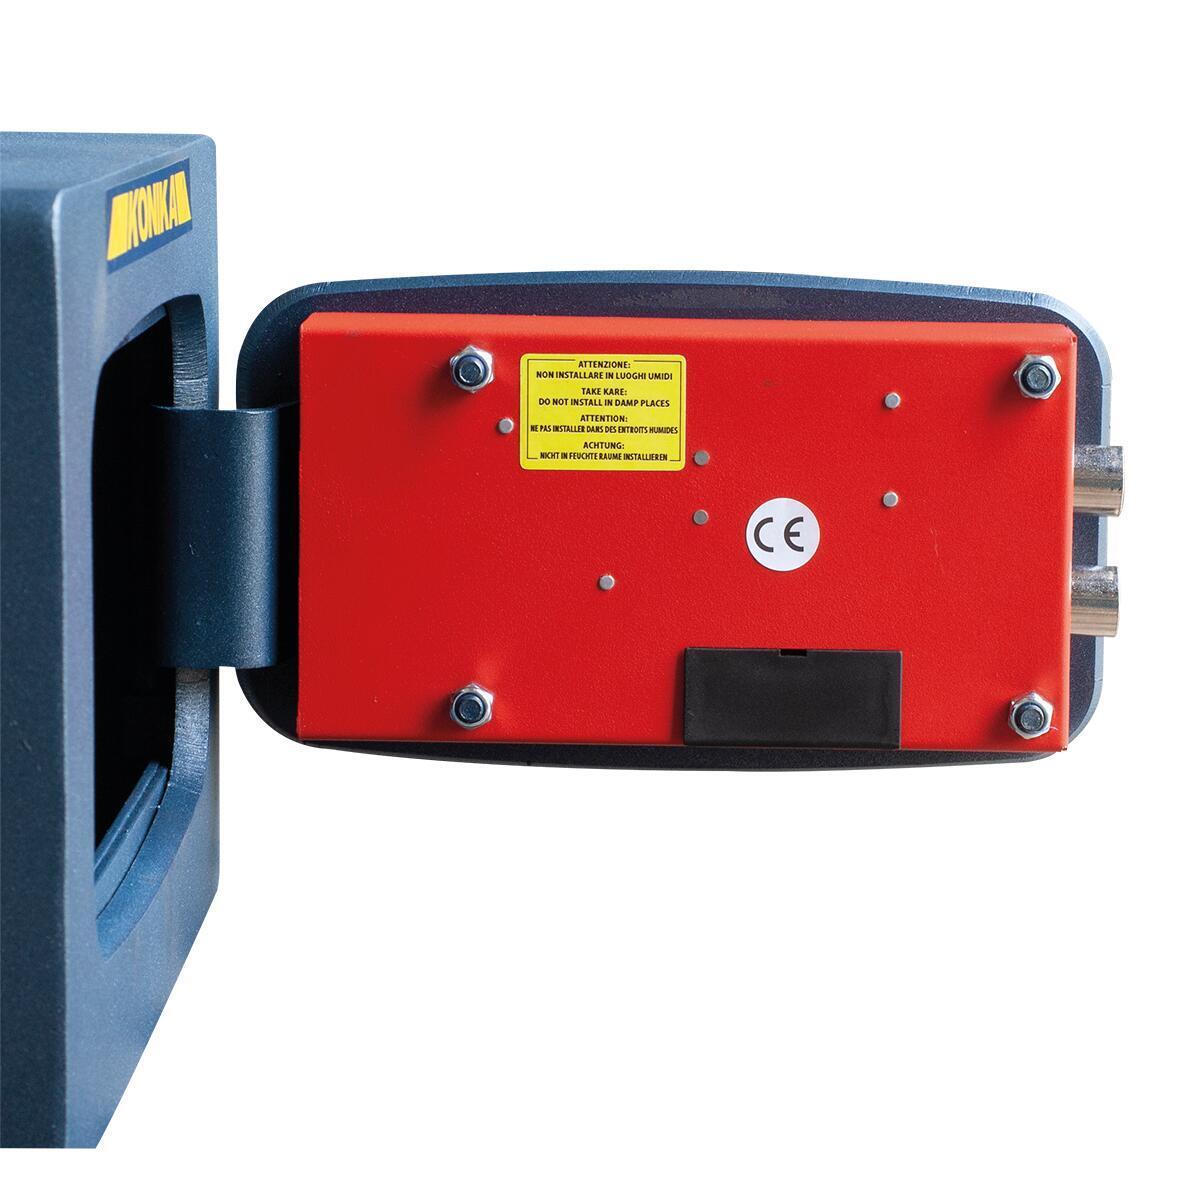 Cassaforte con codice elettronico STARK 3252TK da fissare a parete L 37 x P 32 x H 24 cm - 4